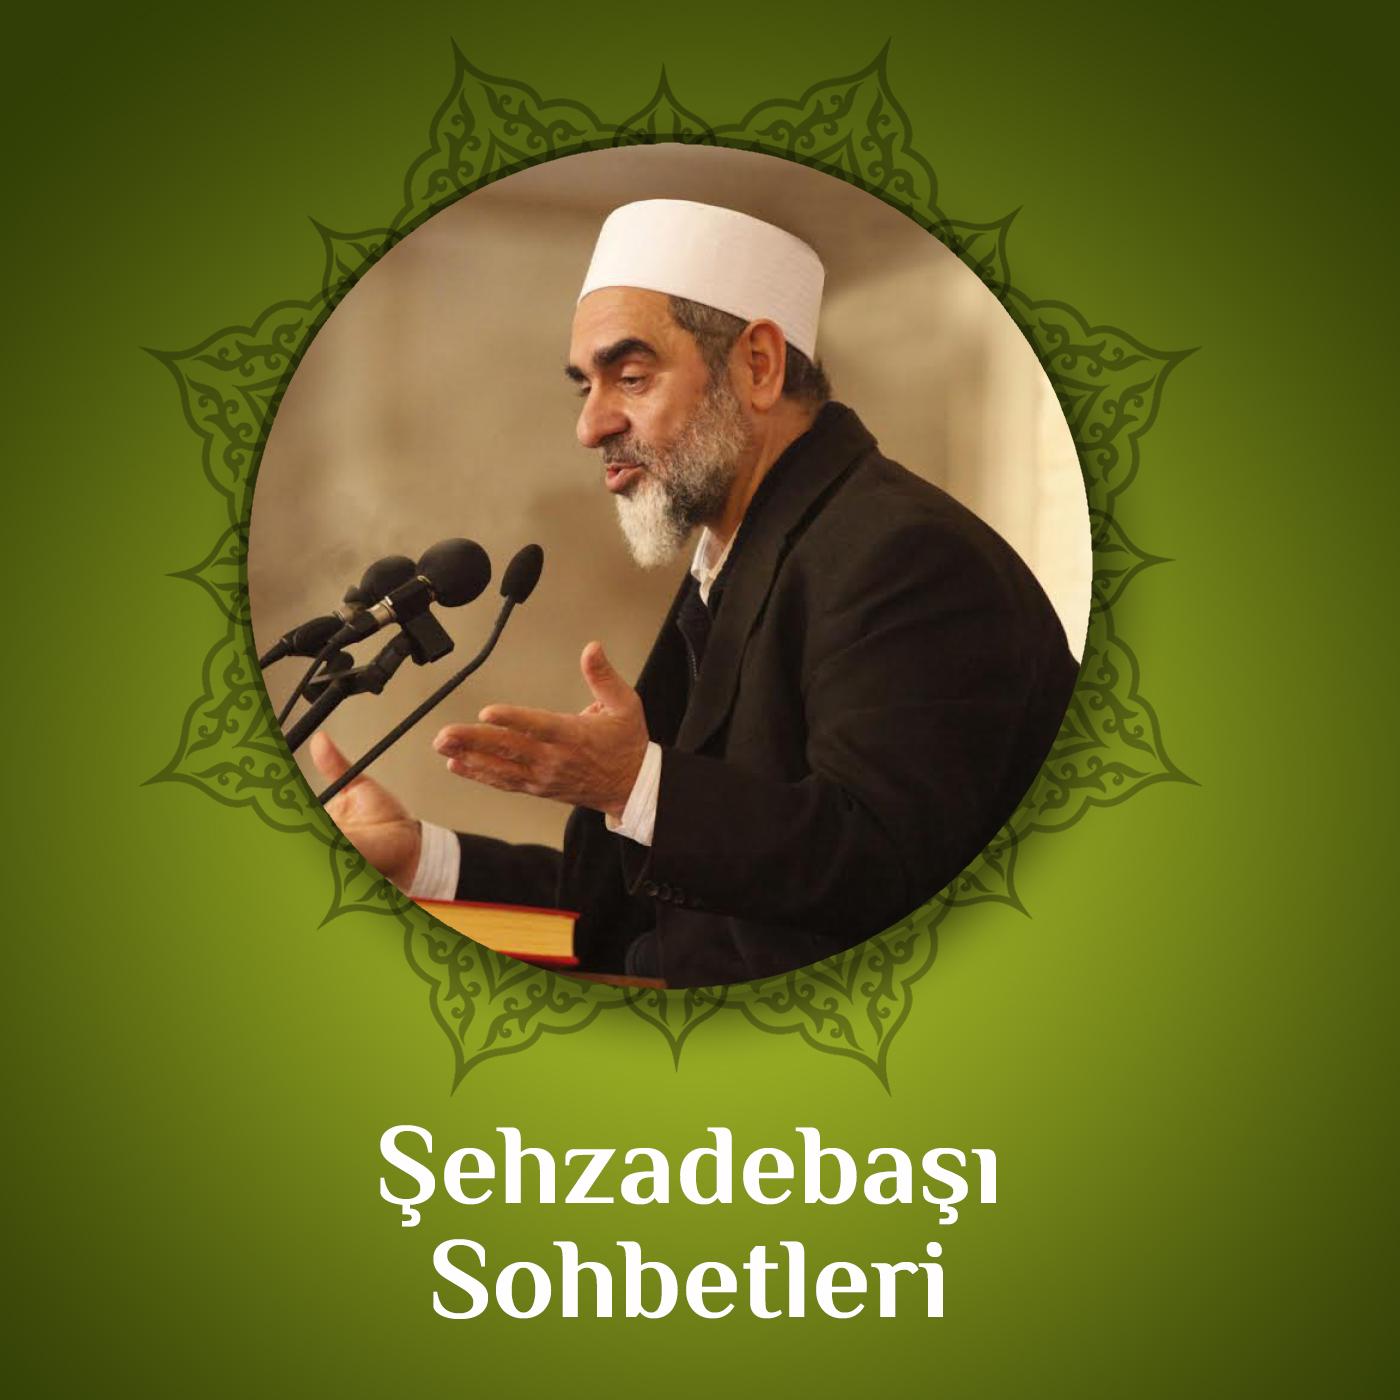 Şehzadebaşı Sohbetleri (Video) | Nureddin Yıldız